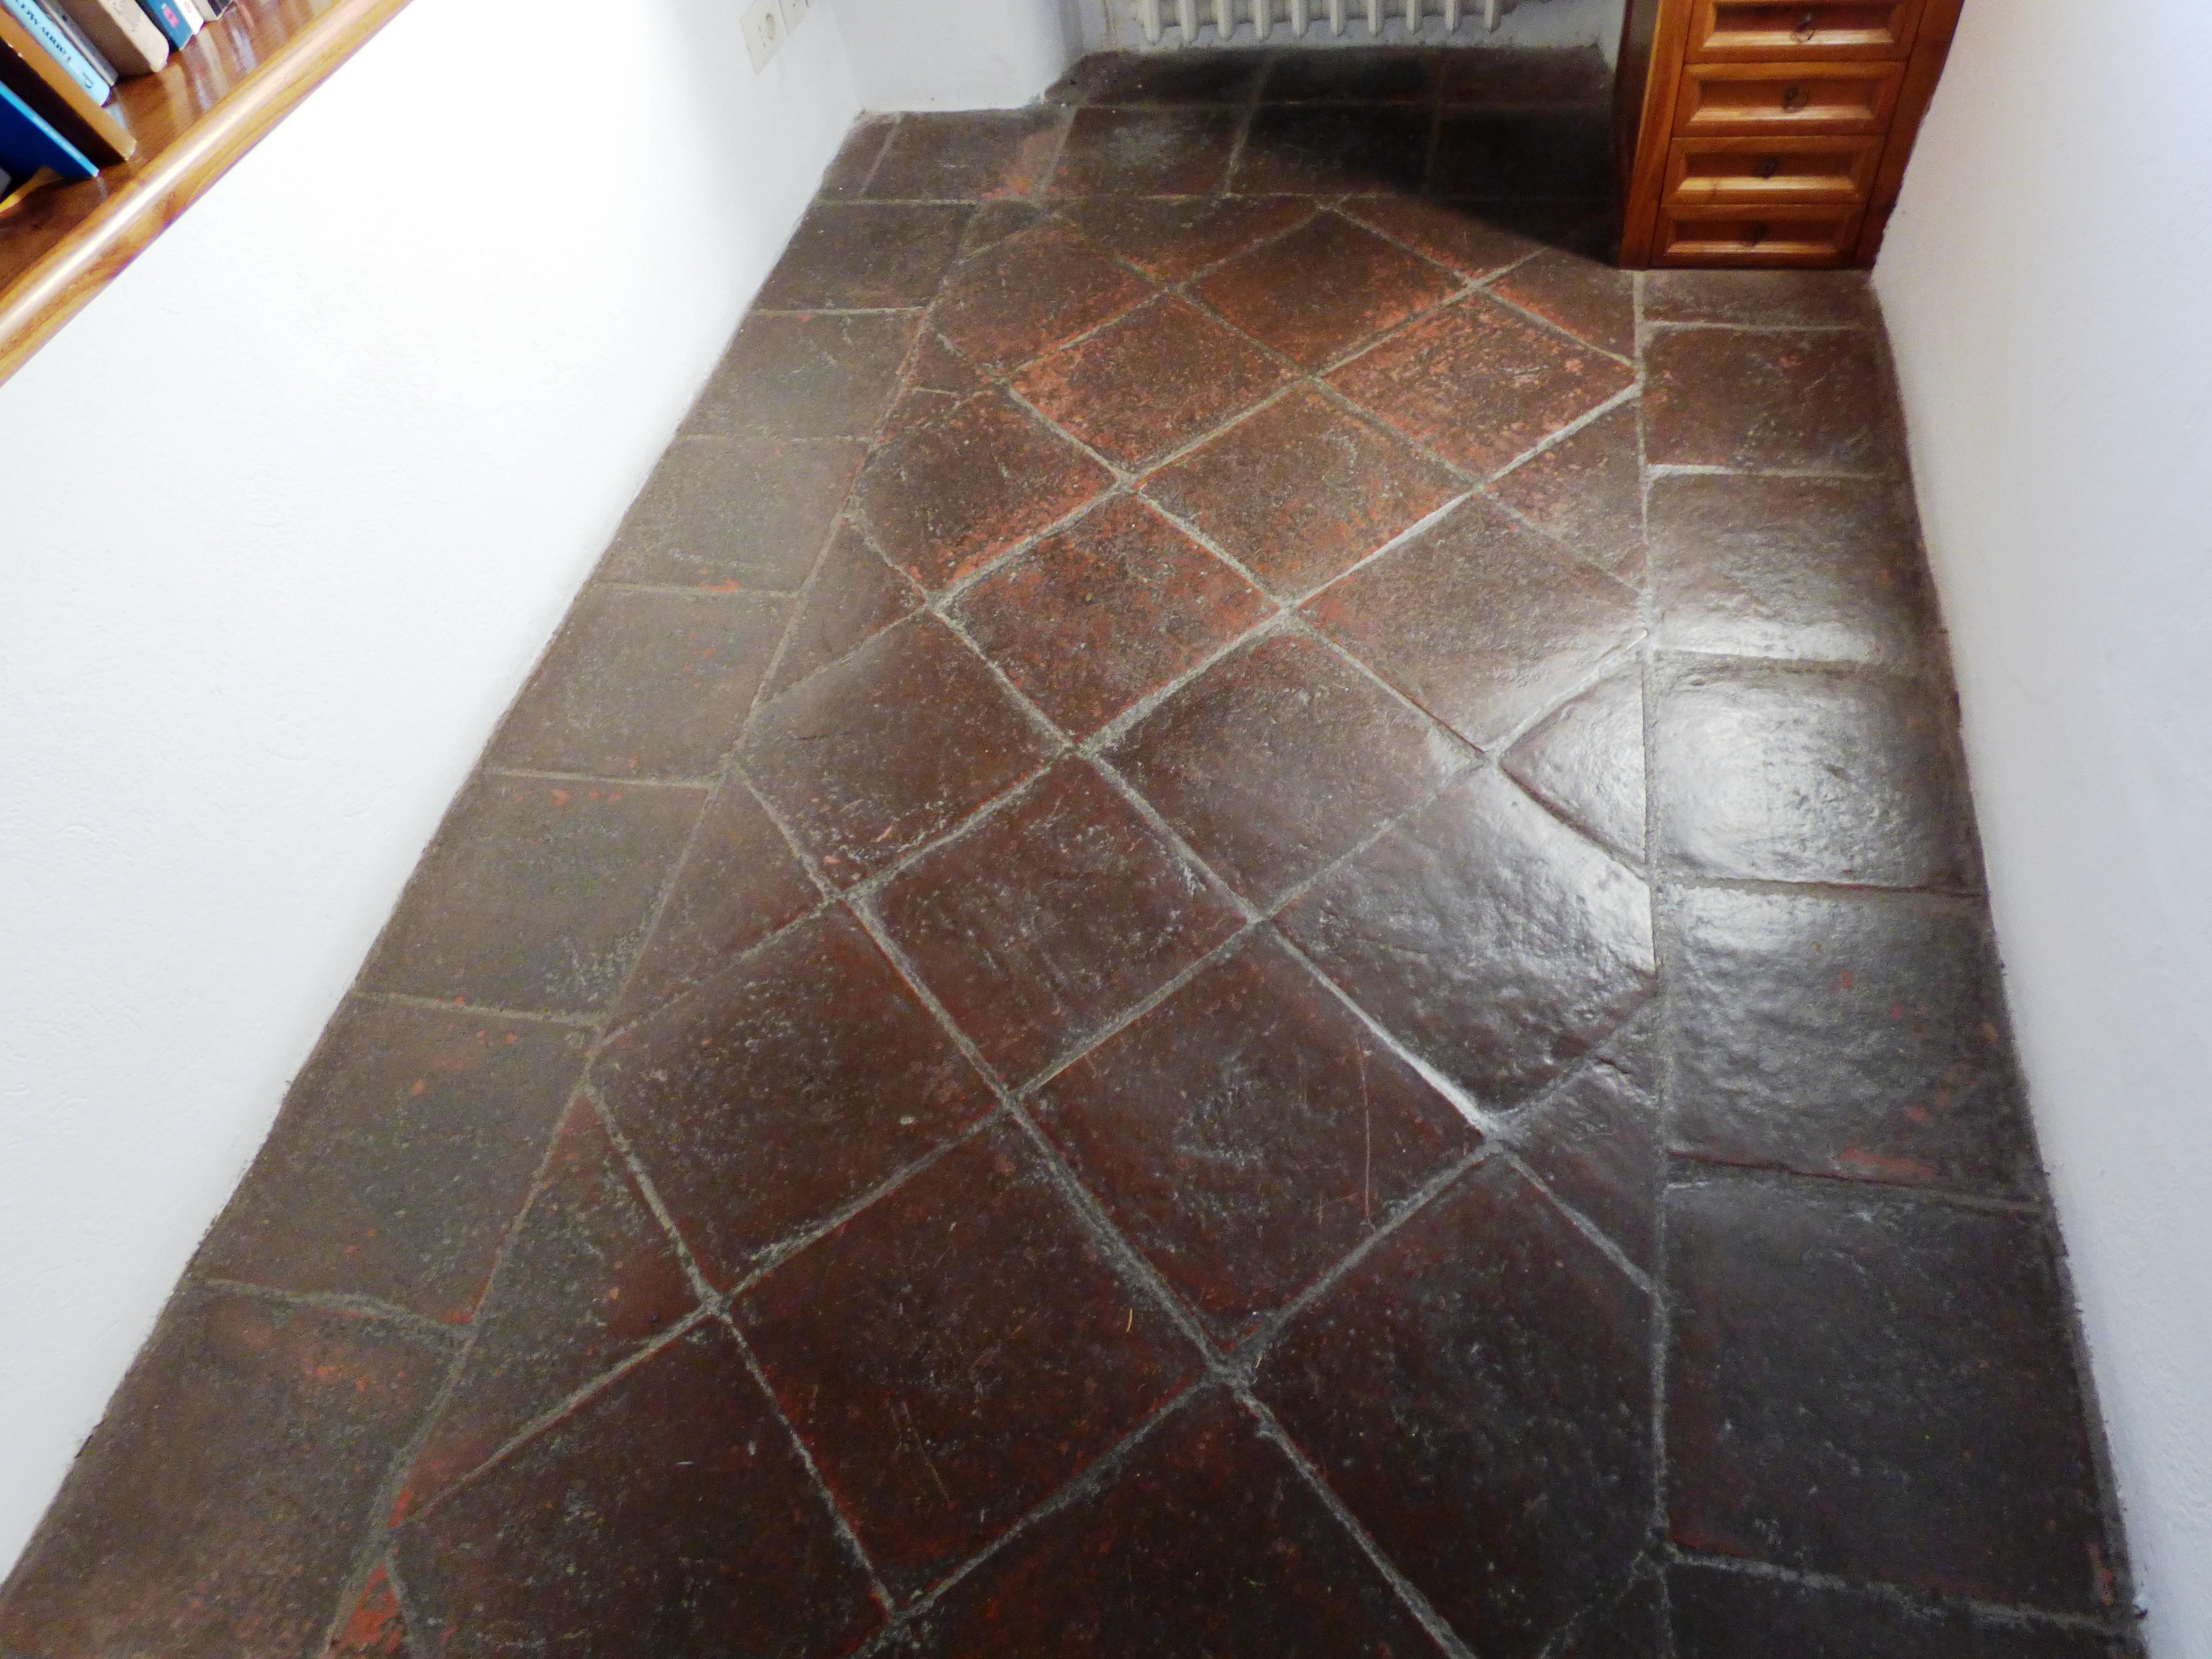 Deceramento e nuovo trattamento di un pavimento in cotto Relais Vignale Radda in Chianti